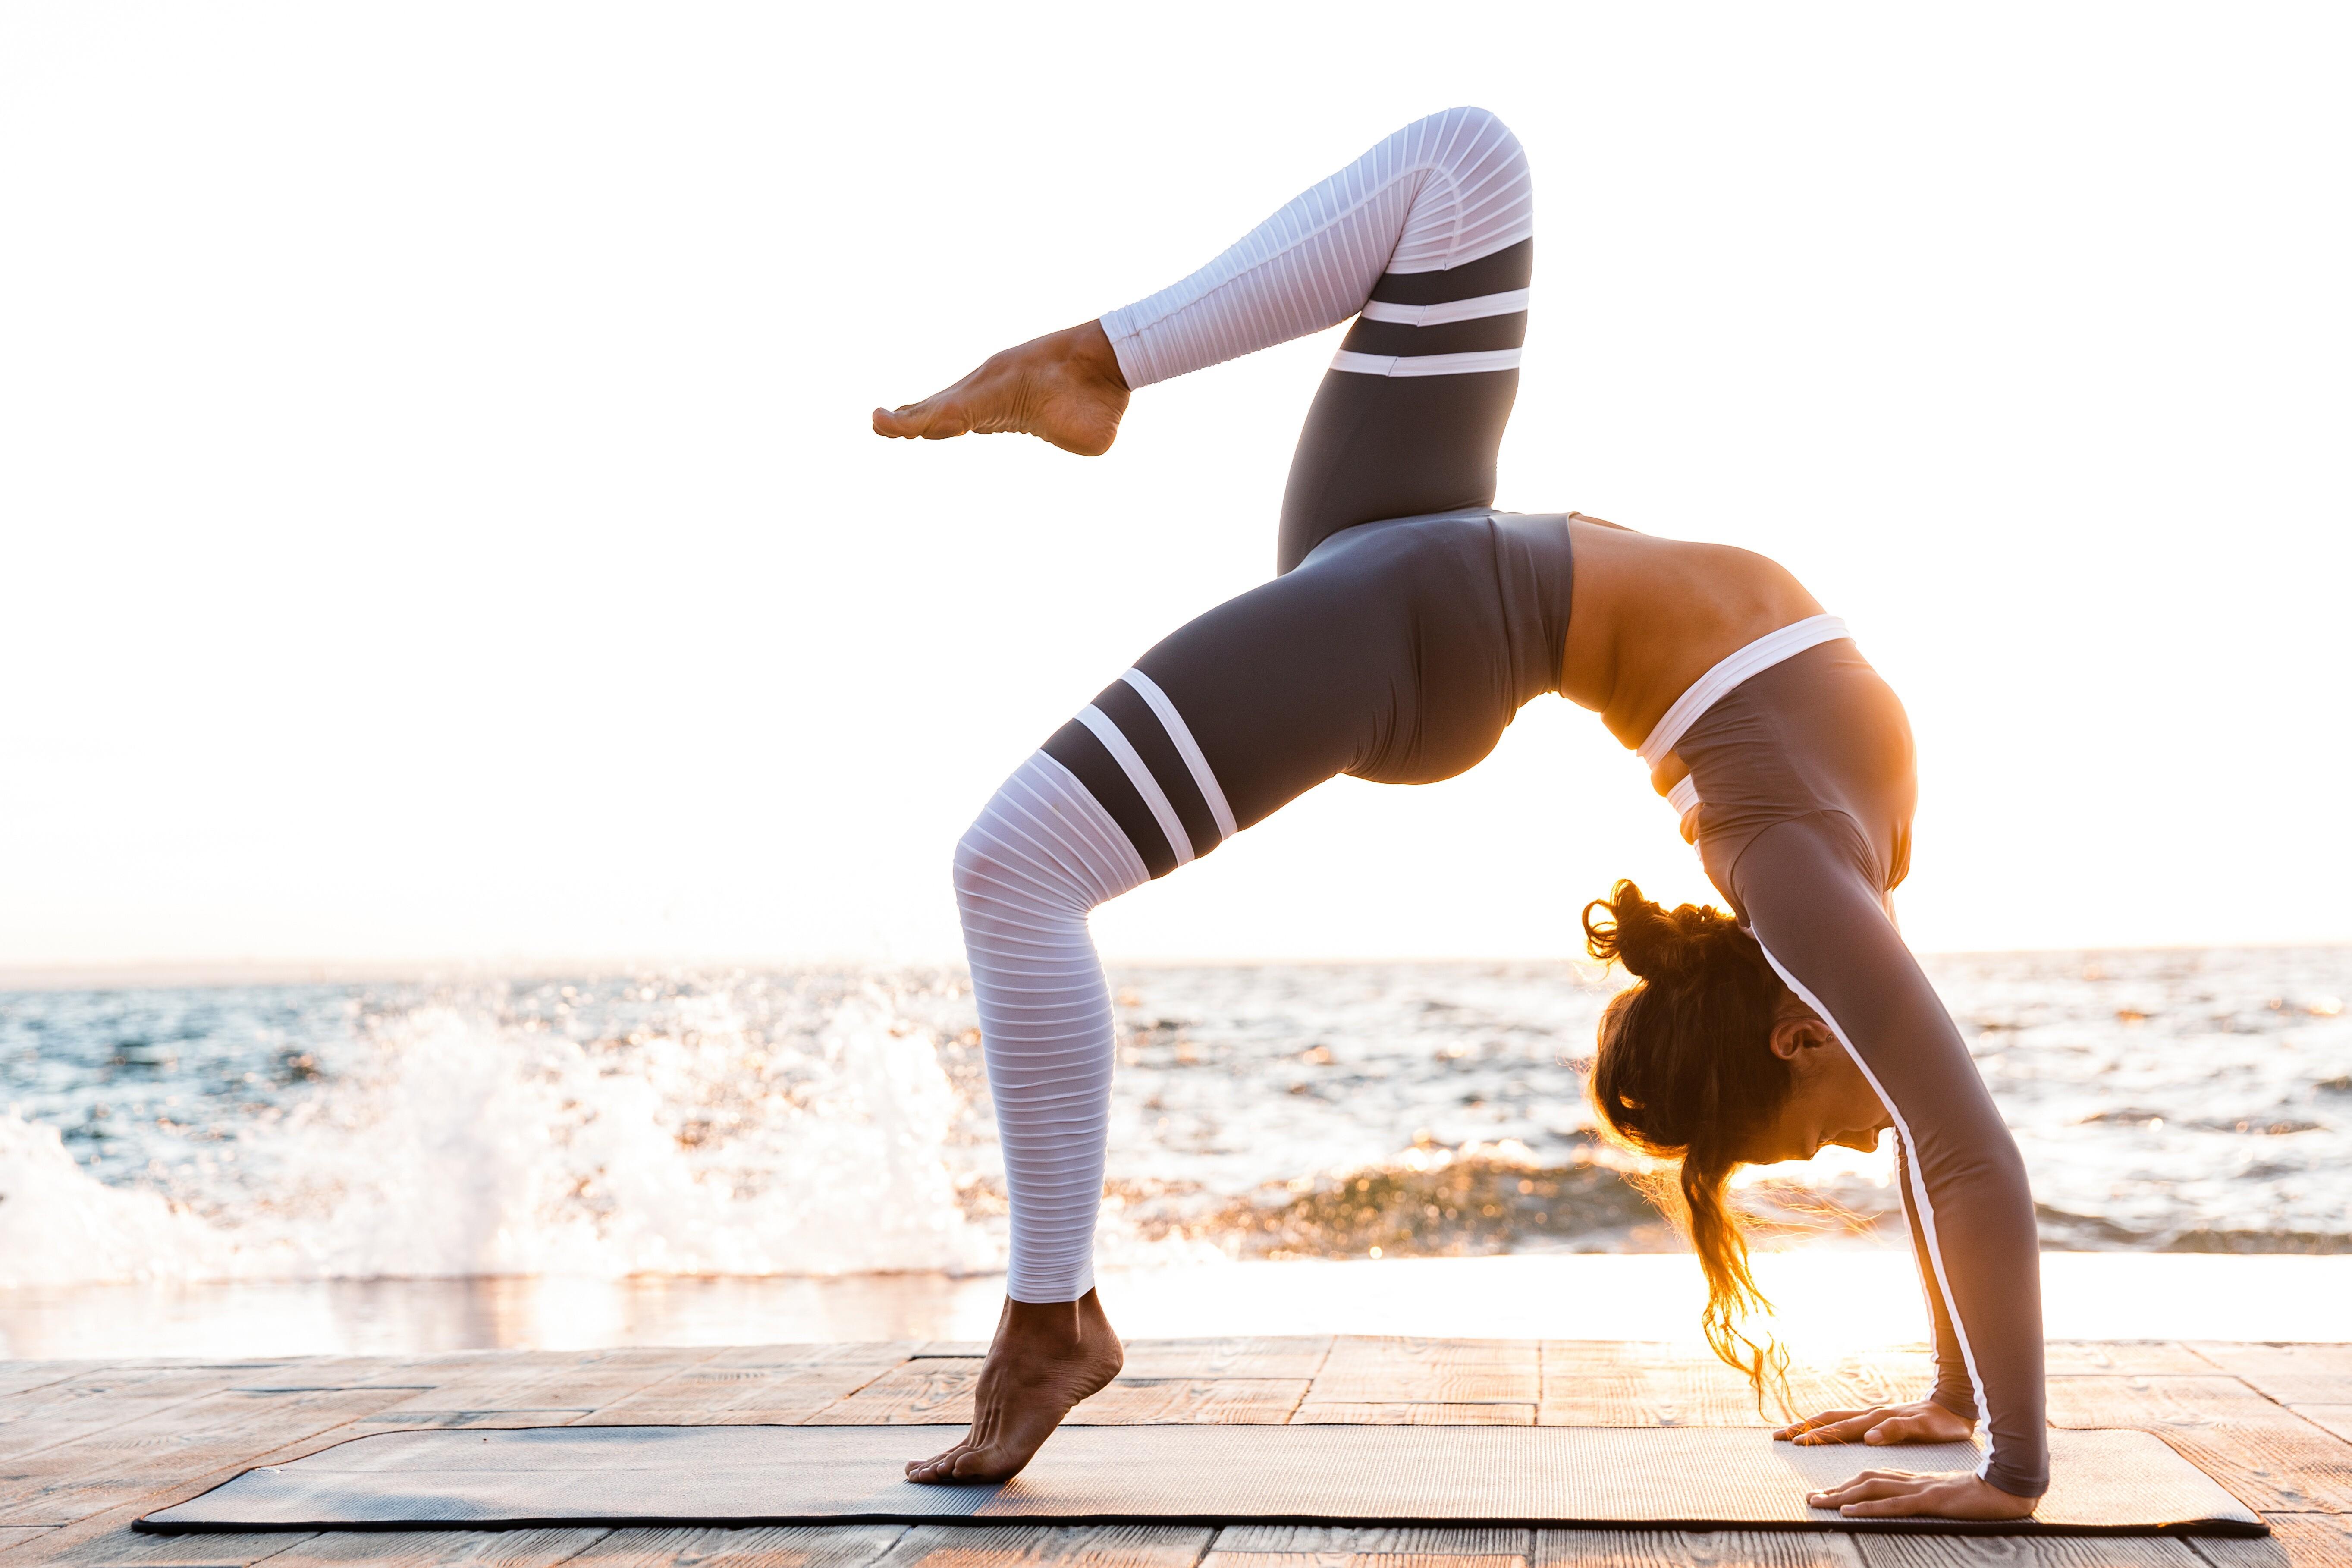 Почему болят мышцы после тренировки и как быстро снять боль (чтобы не забить на спорт)